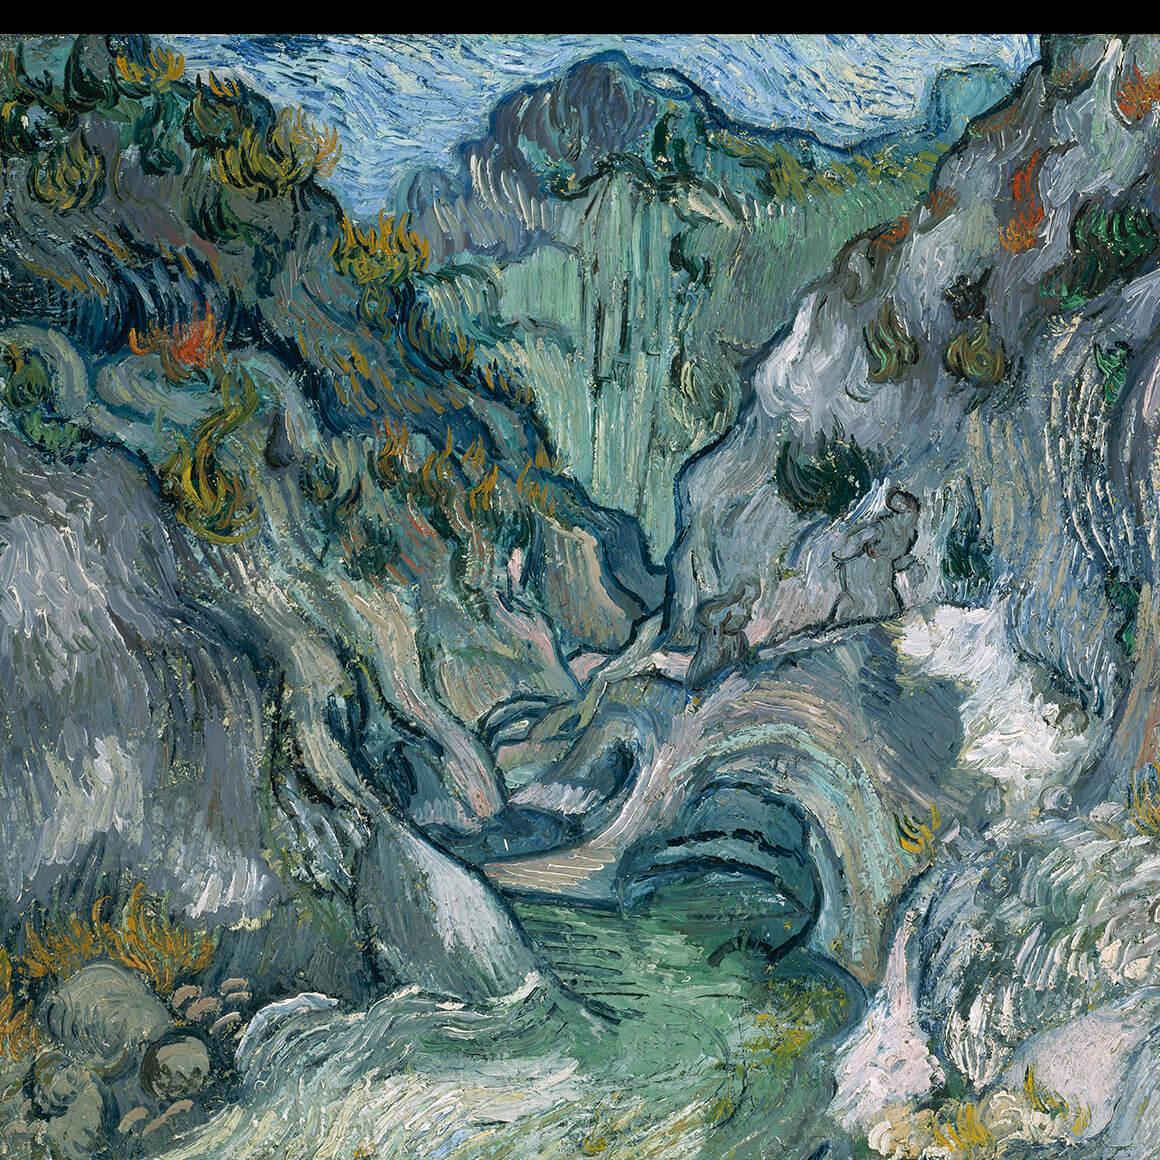 Detail of Vincent Van Gogh's painting, Ravine